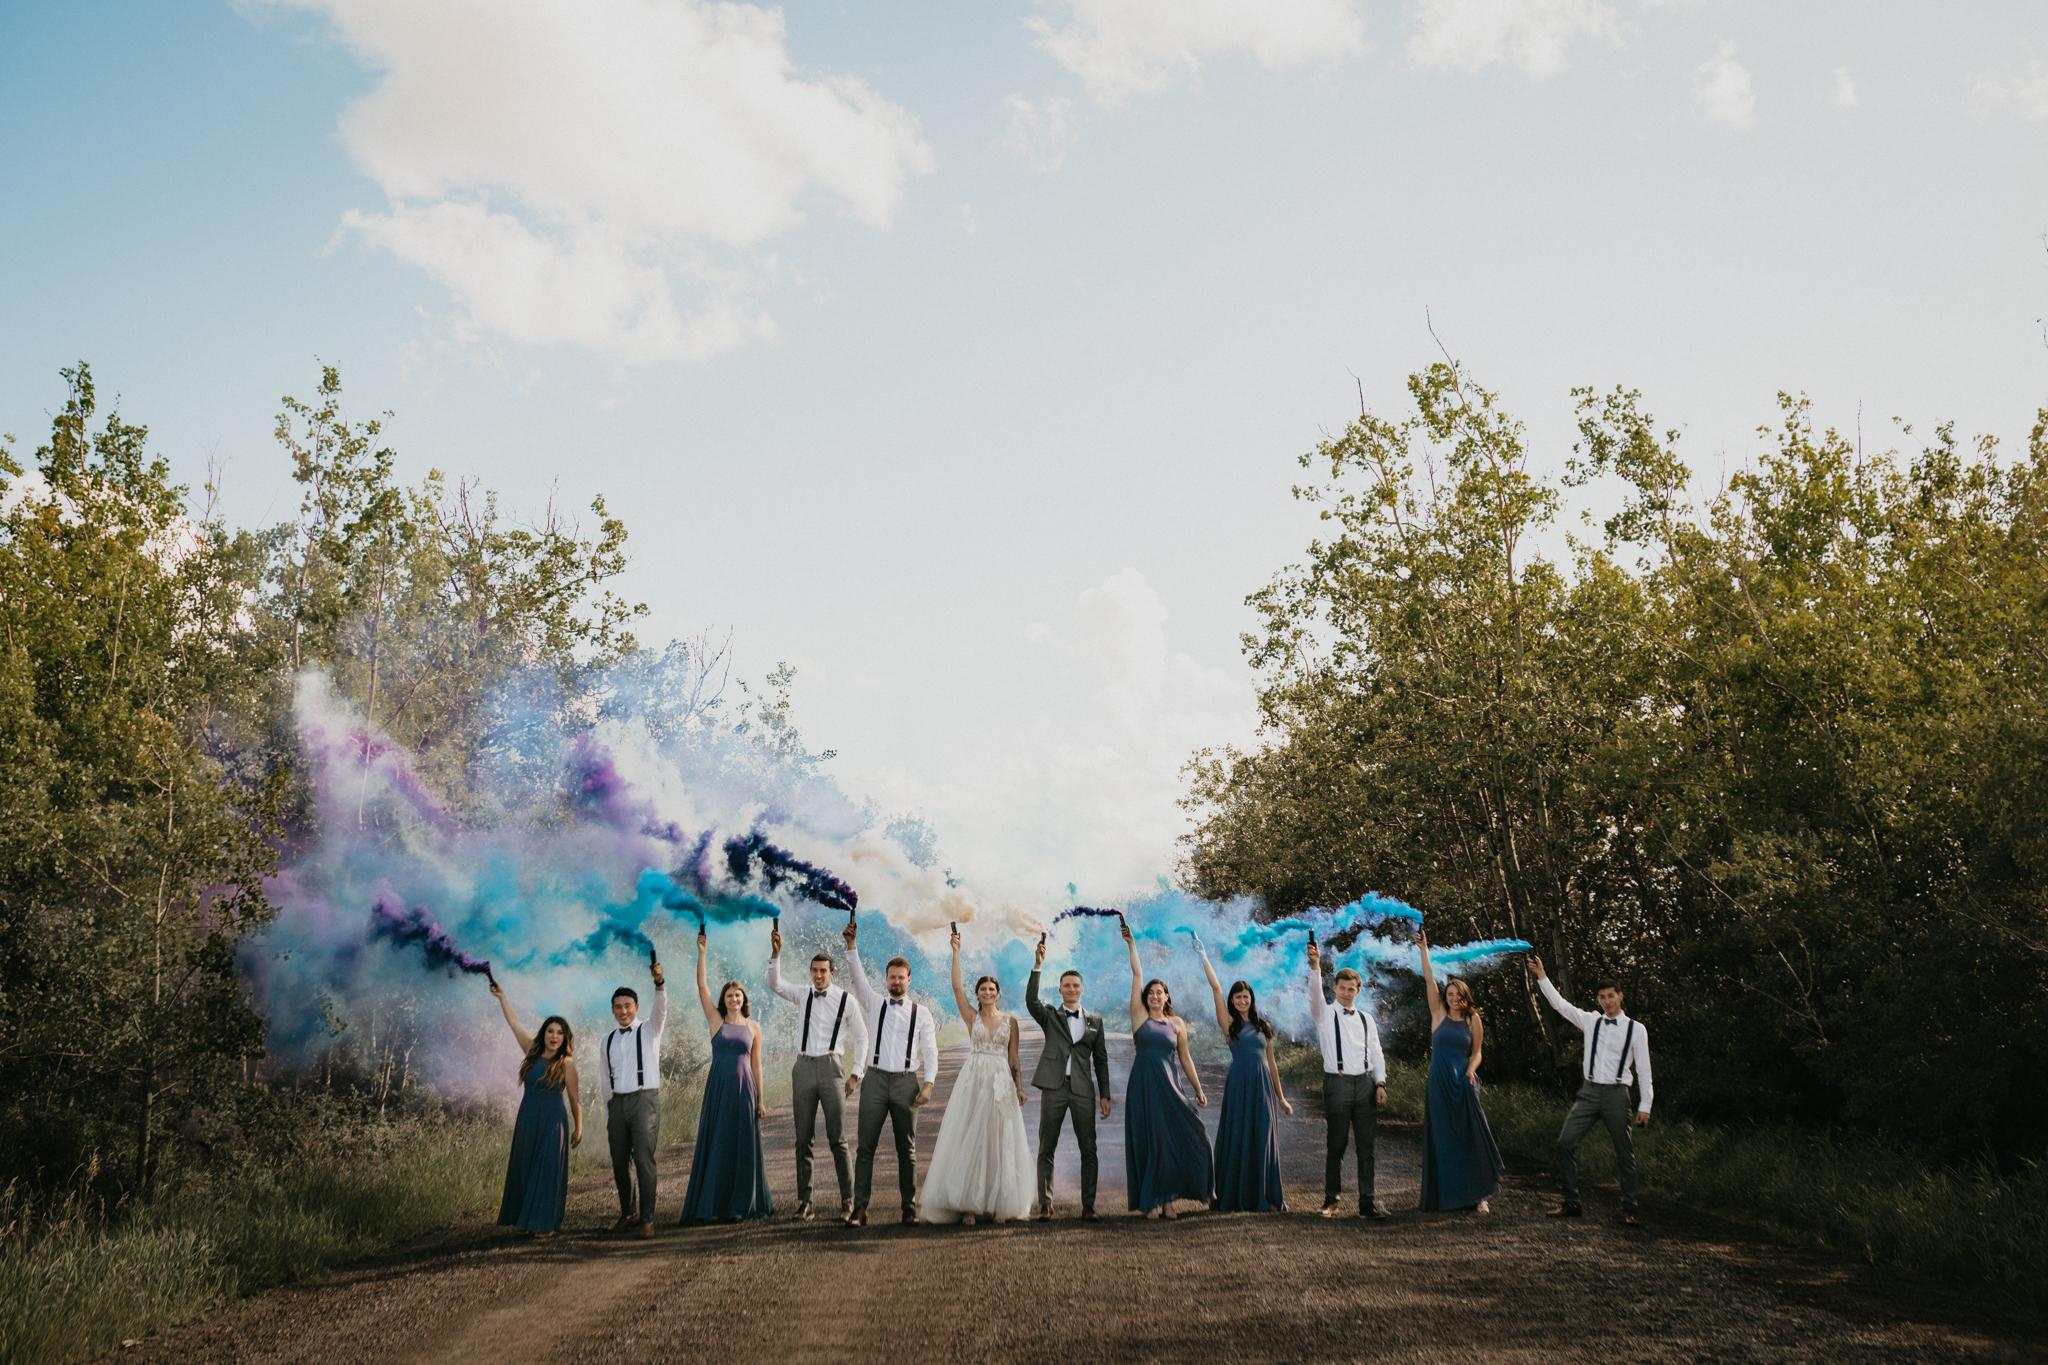 Edmonton_Wedding_Photographer_Carlos_Vicente_Smoke_Bombs.jpg